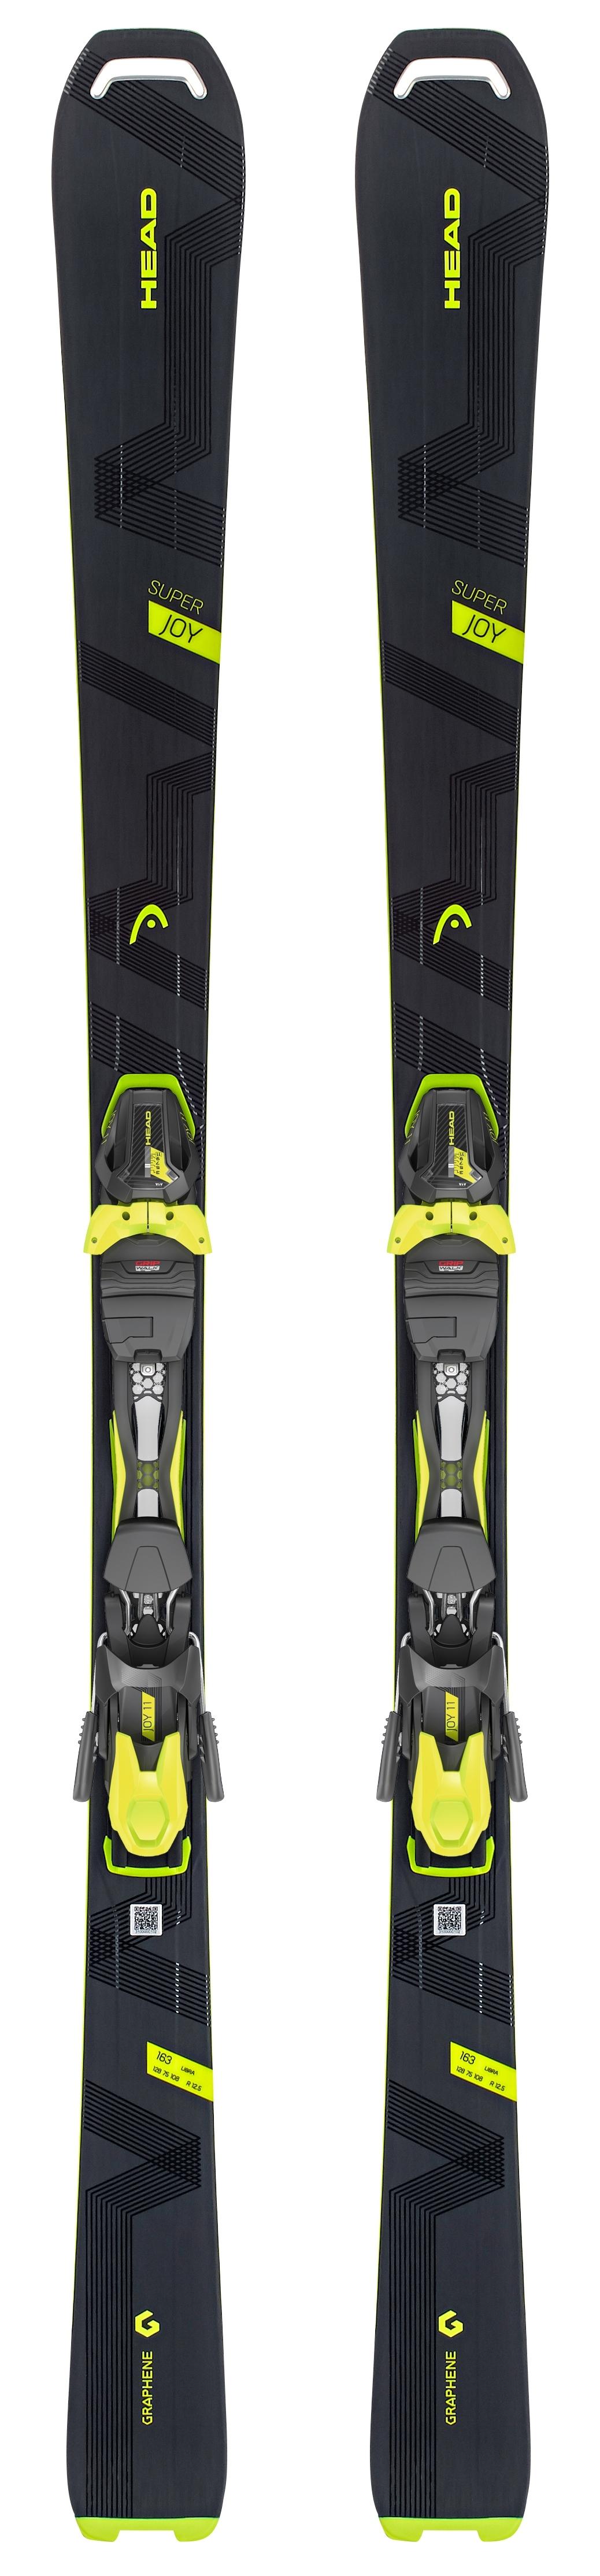 De W Sx Chaussures Ski Rtl Precision Lange 8qadaw